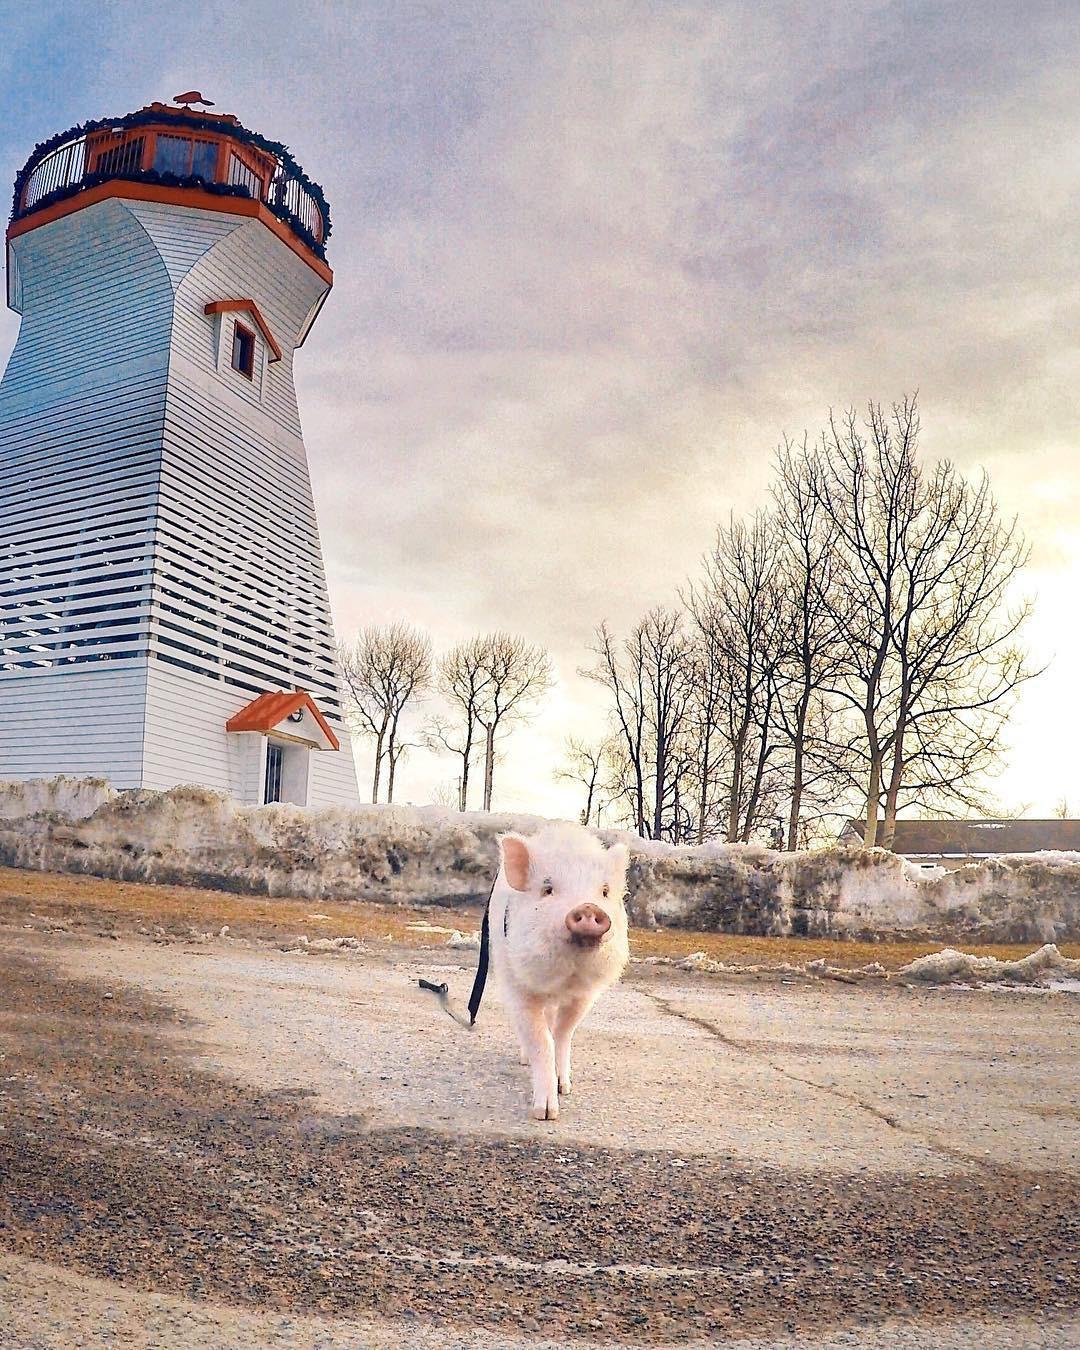 Cảm giác ghen tị là khi bạn phải đi làm vào thứ 2 còn chú lợn này lại được du lịch vòng quanh thế giới, đã vậy còn có hẳn 100k người theo dõi trên MXH - Ảnh 3.